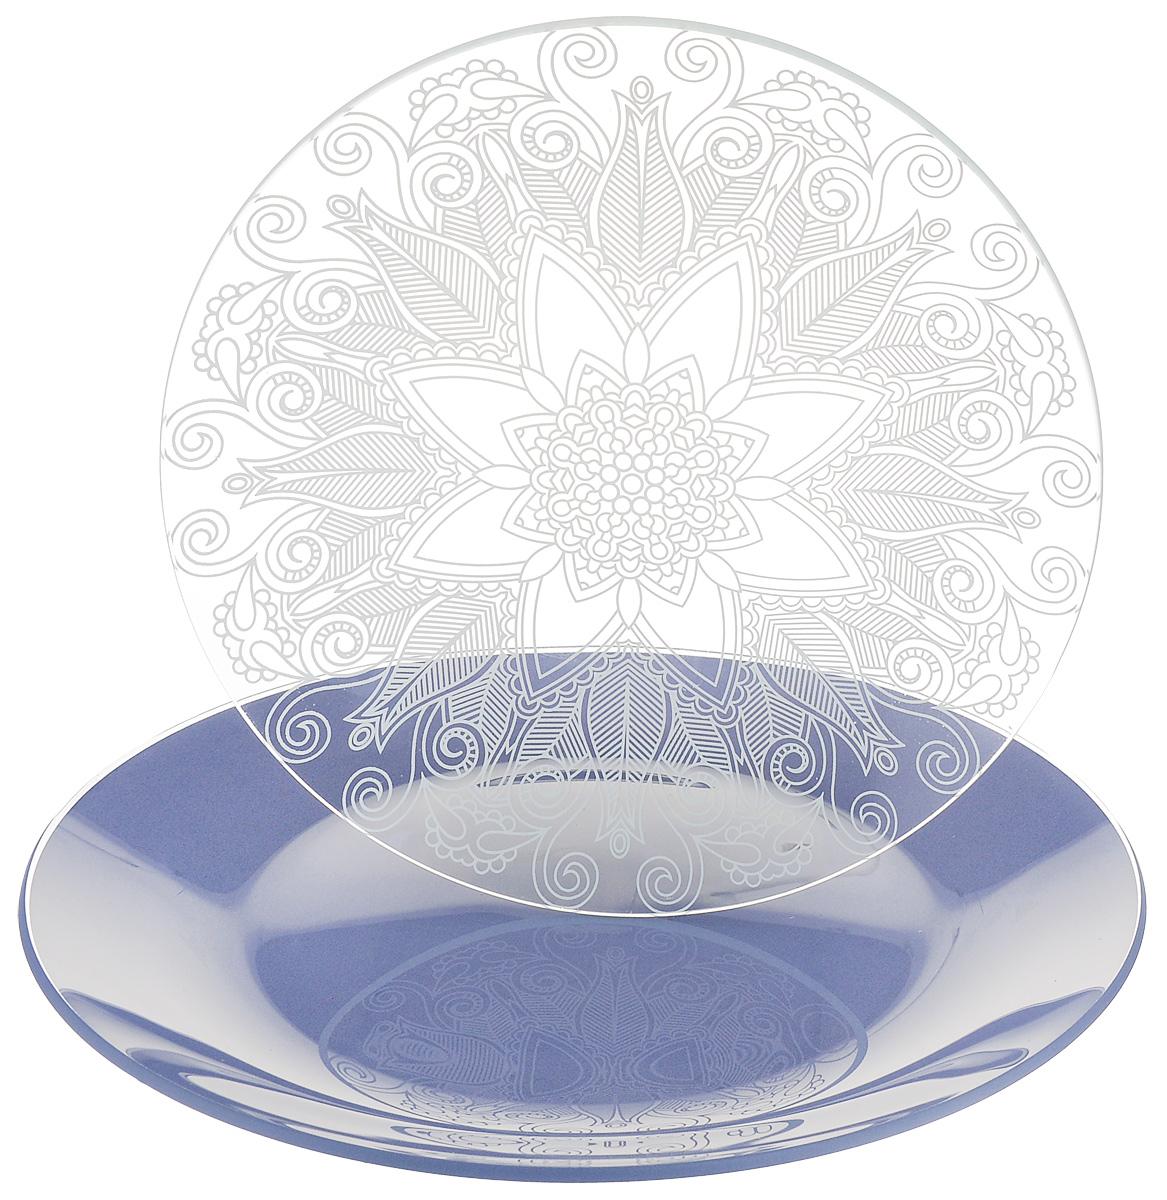 Набор тарелок NiNaGlass, цвет: голубой, диаметр 20 см, 2 шт. 85-200-145пс85-200-145псНабор тарелок NiNaGlass Кружево и Палитра выполнена из высококачественного стекла, декорирована под Вологодское кружево и подстановочная тарелка яркий насыщенный цвет. Набор идеален для подачи горячих блюд, сервировки праздничного стола, нарезок, салатов, овощей и фруктов. Он отлично подойдет как для повседневных, так и для торжественных случаев. Такой набор прекрасно впишется в интерьер вашей кухни и станет достойным дополнением к кухонному инвентарю.